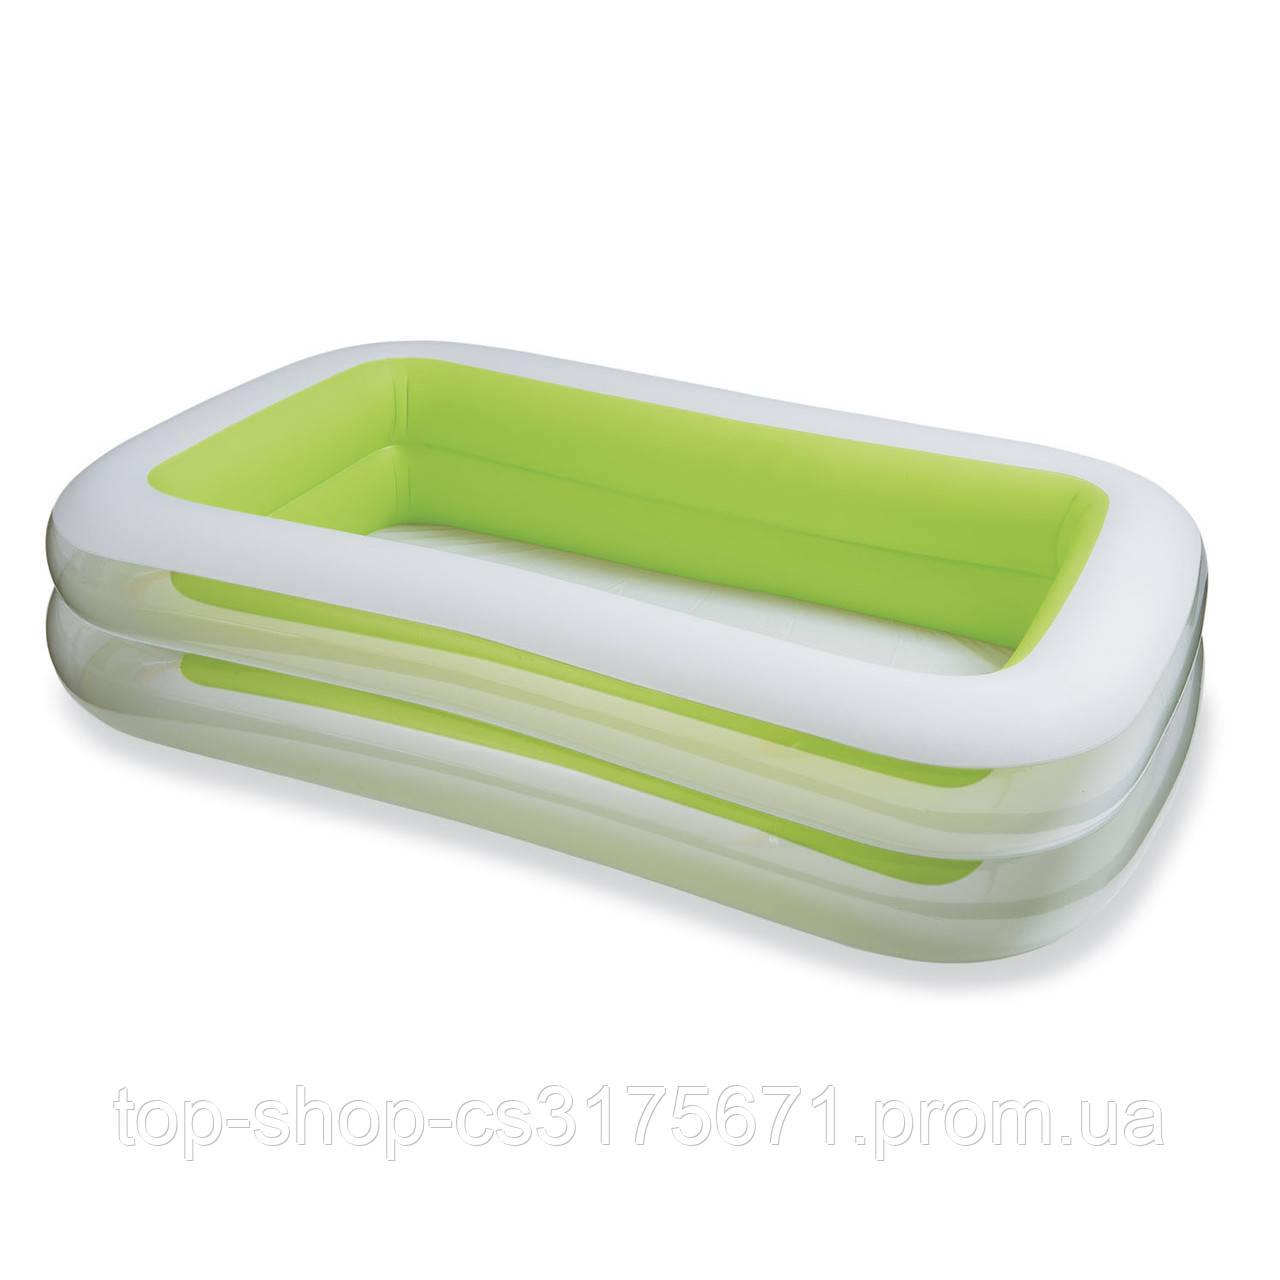 Детский надувной бассейн INTEX 56483 Морская волна